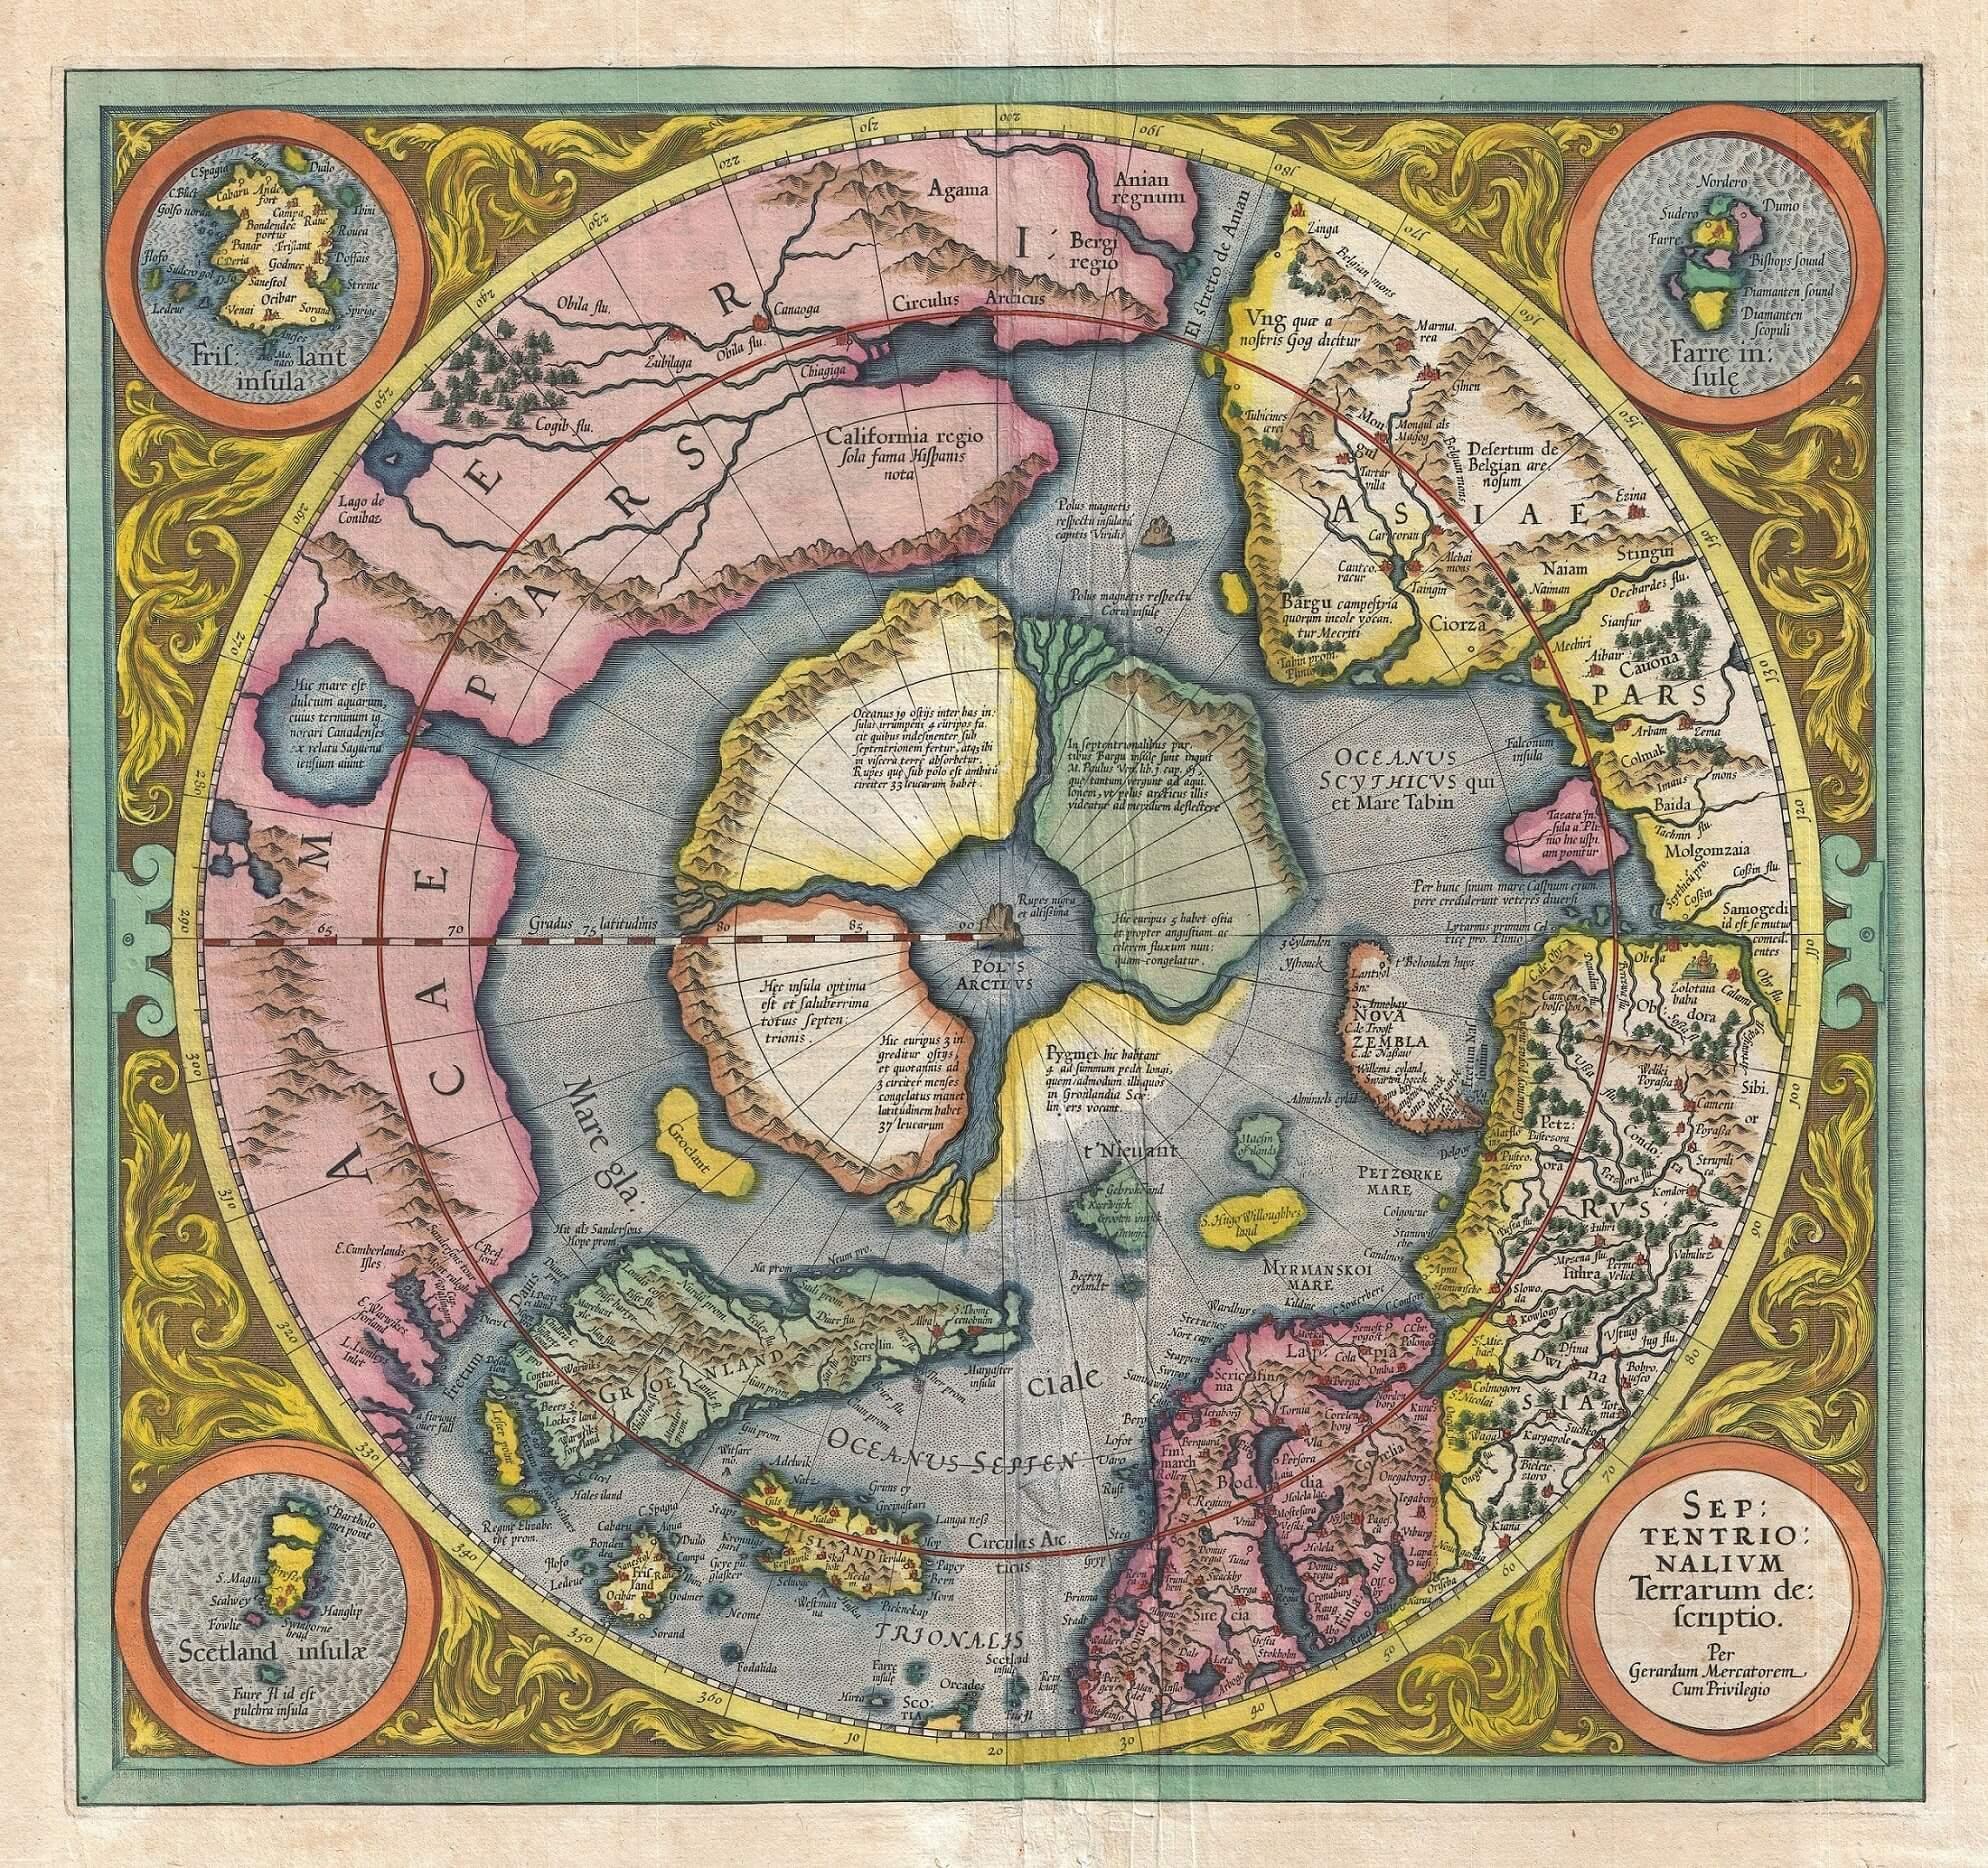 Cartina Geografica Antica.Mappe Antiche 12 Tesori Della Cartografia Da Scoprire Terra Incognita